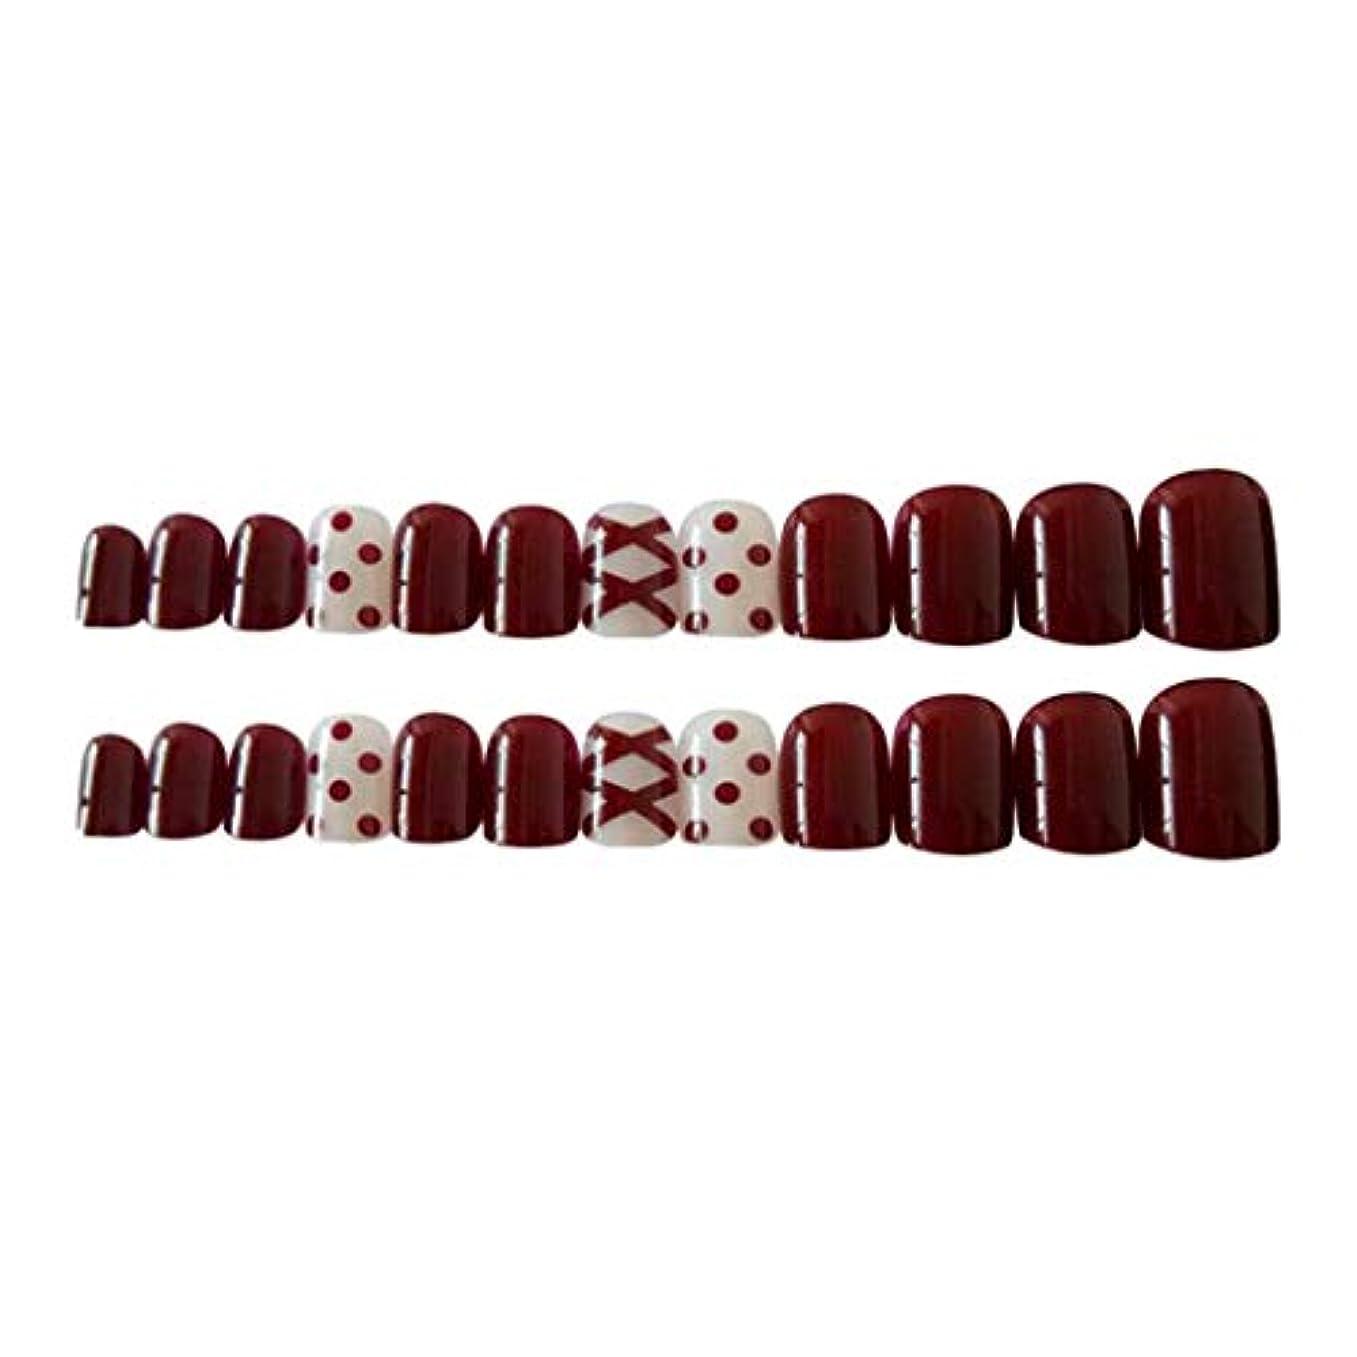 独裁者デンプシー重くするネイルチップ ロング フルカバープレス フルチップ グラデーション 全7種選択でき - ミックス